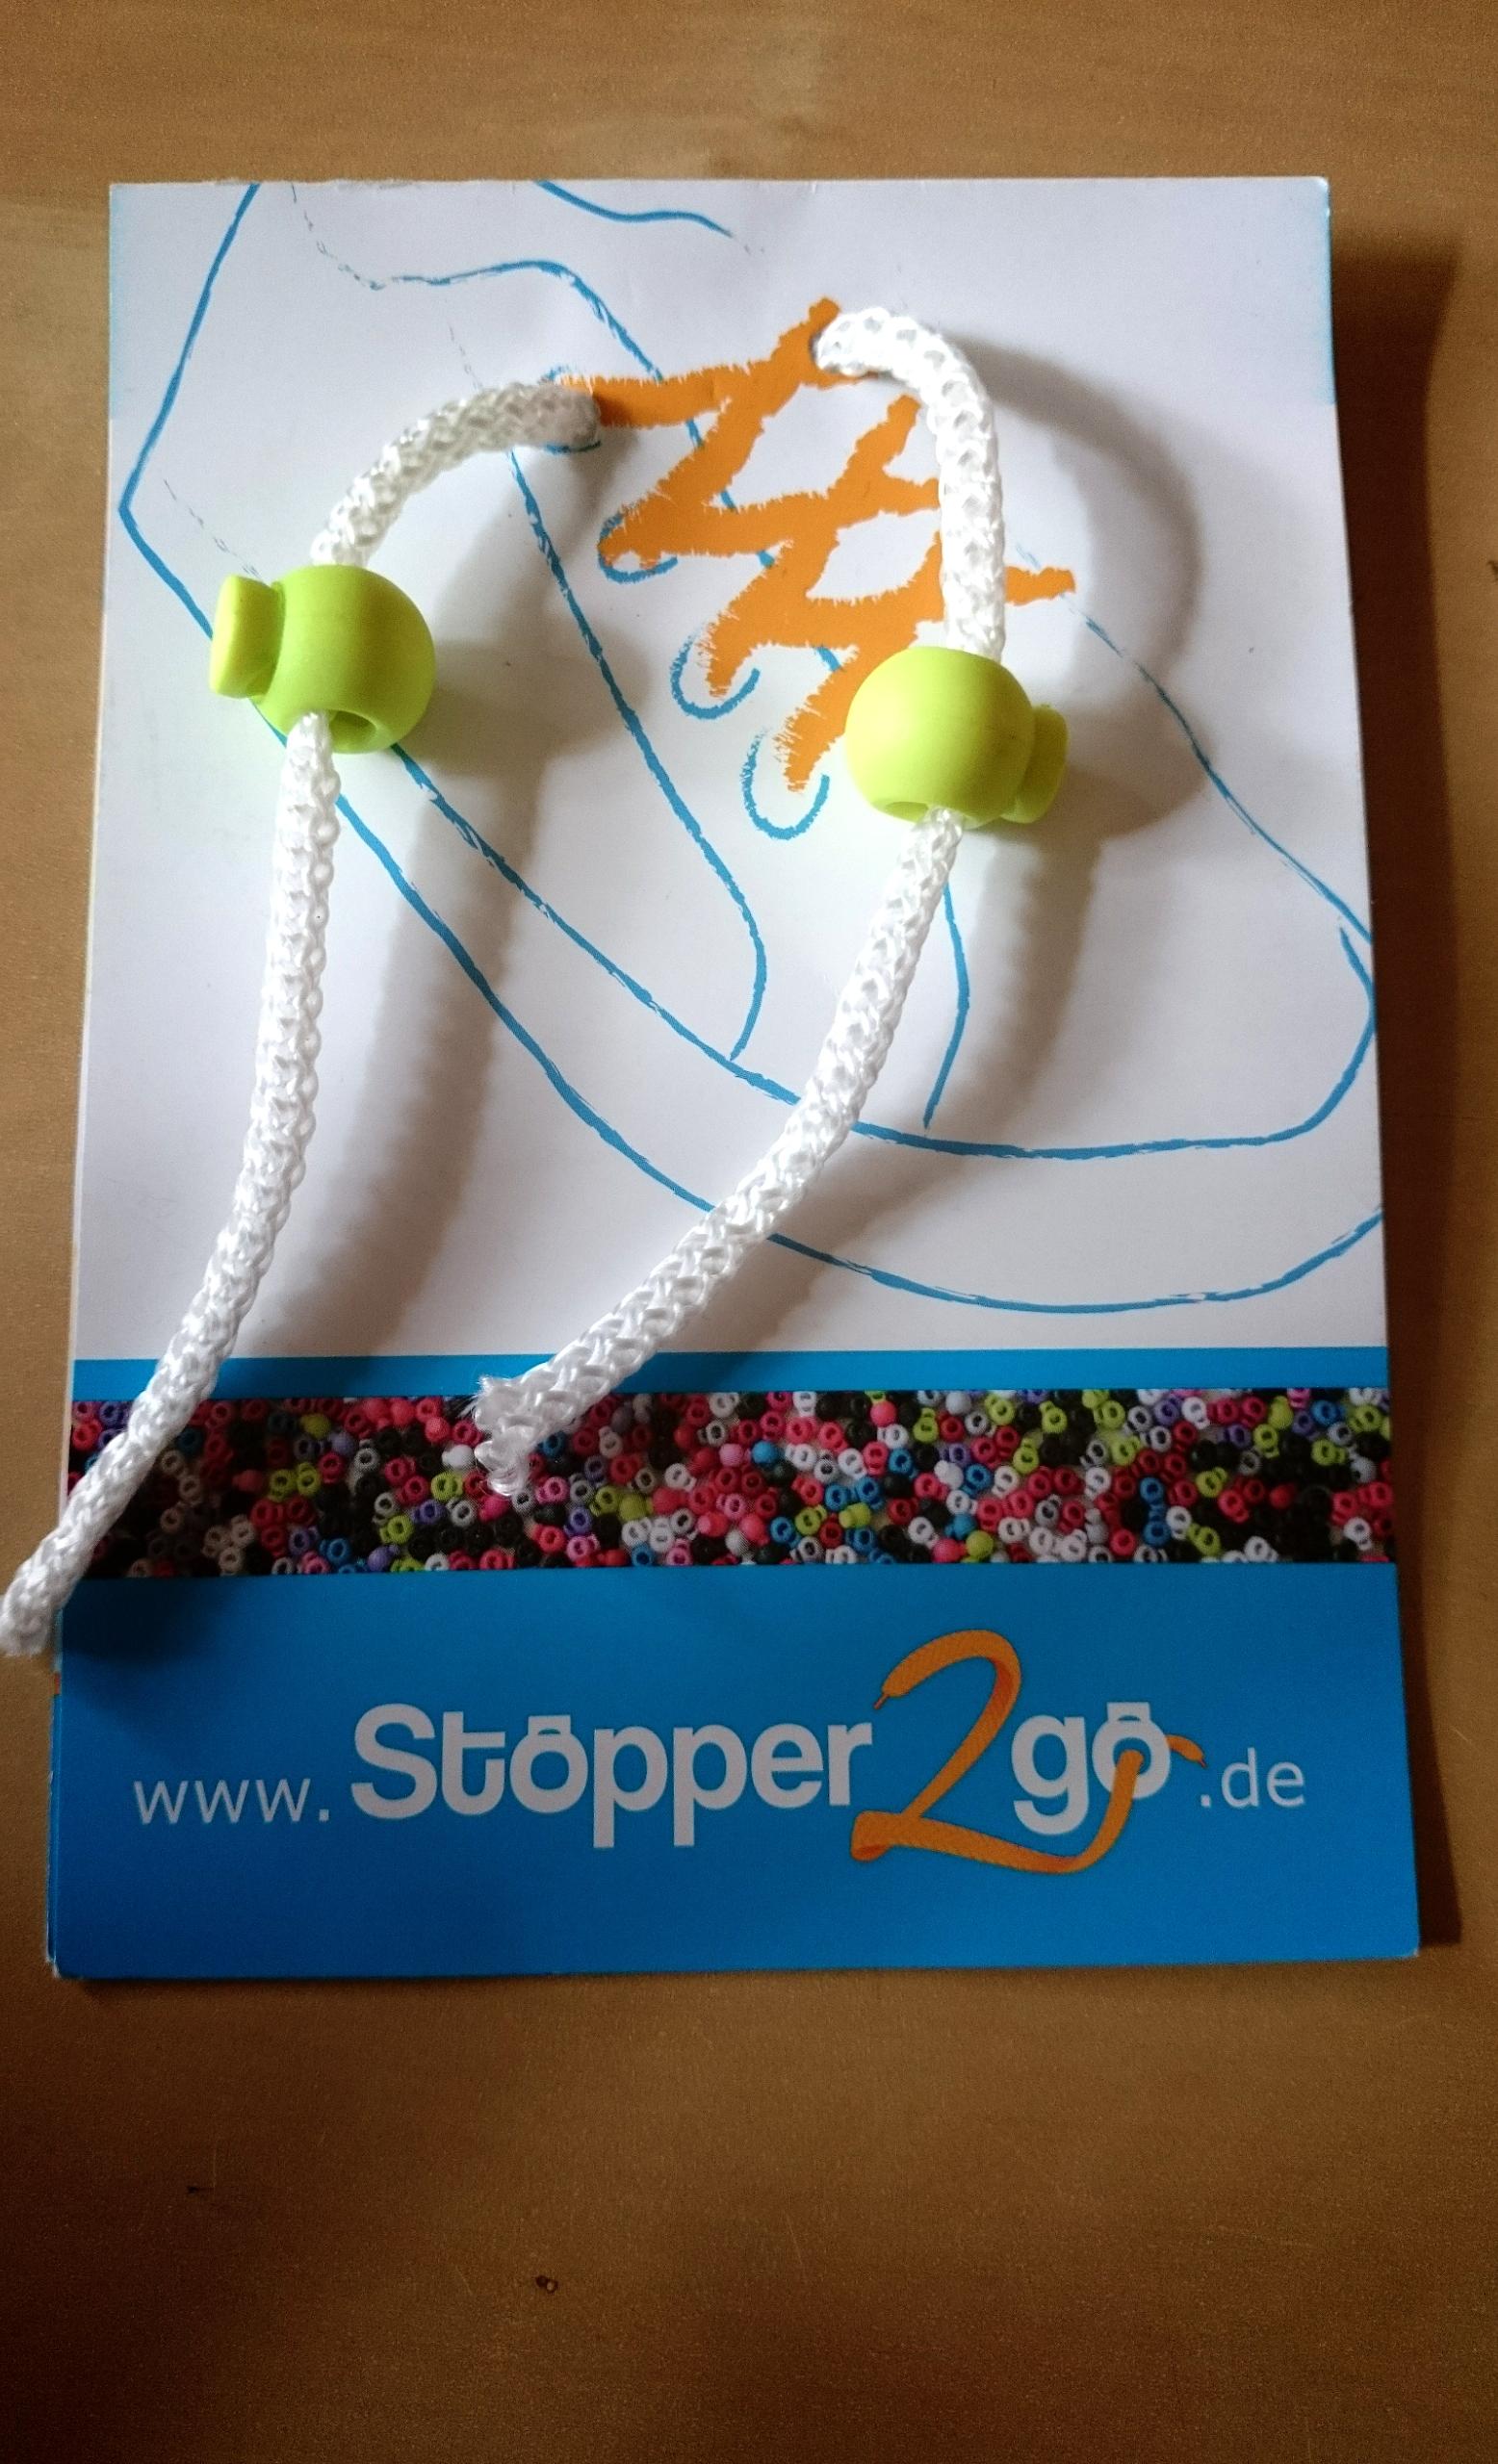 Stopper2Go